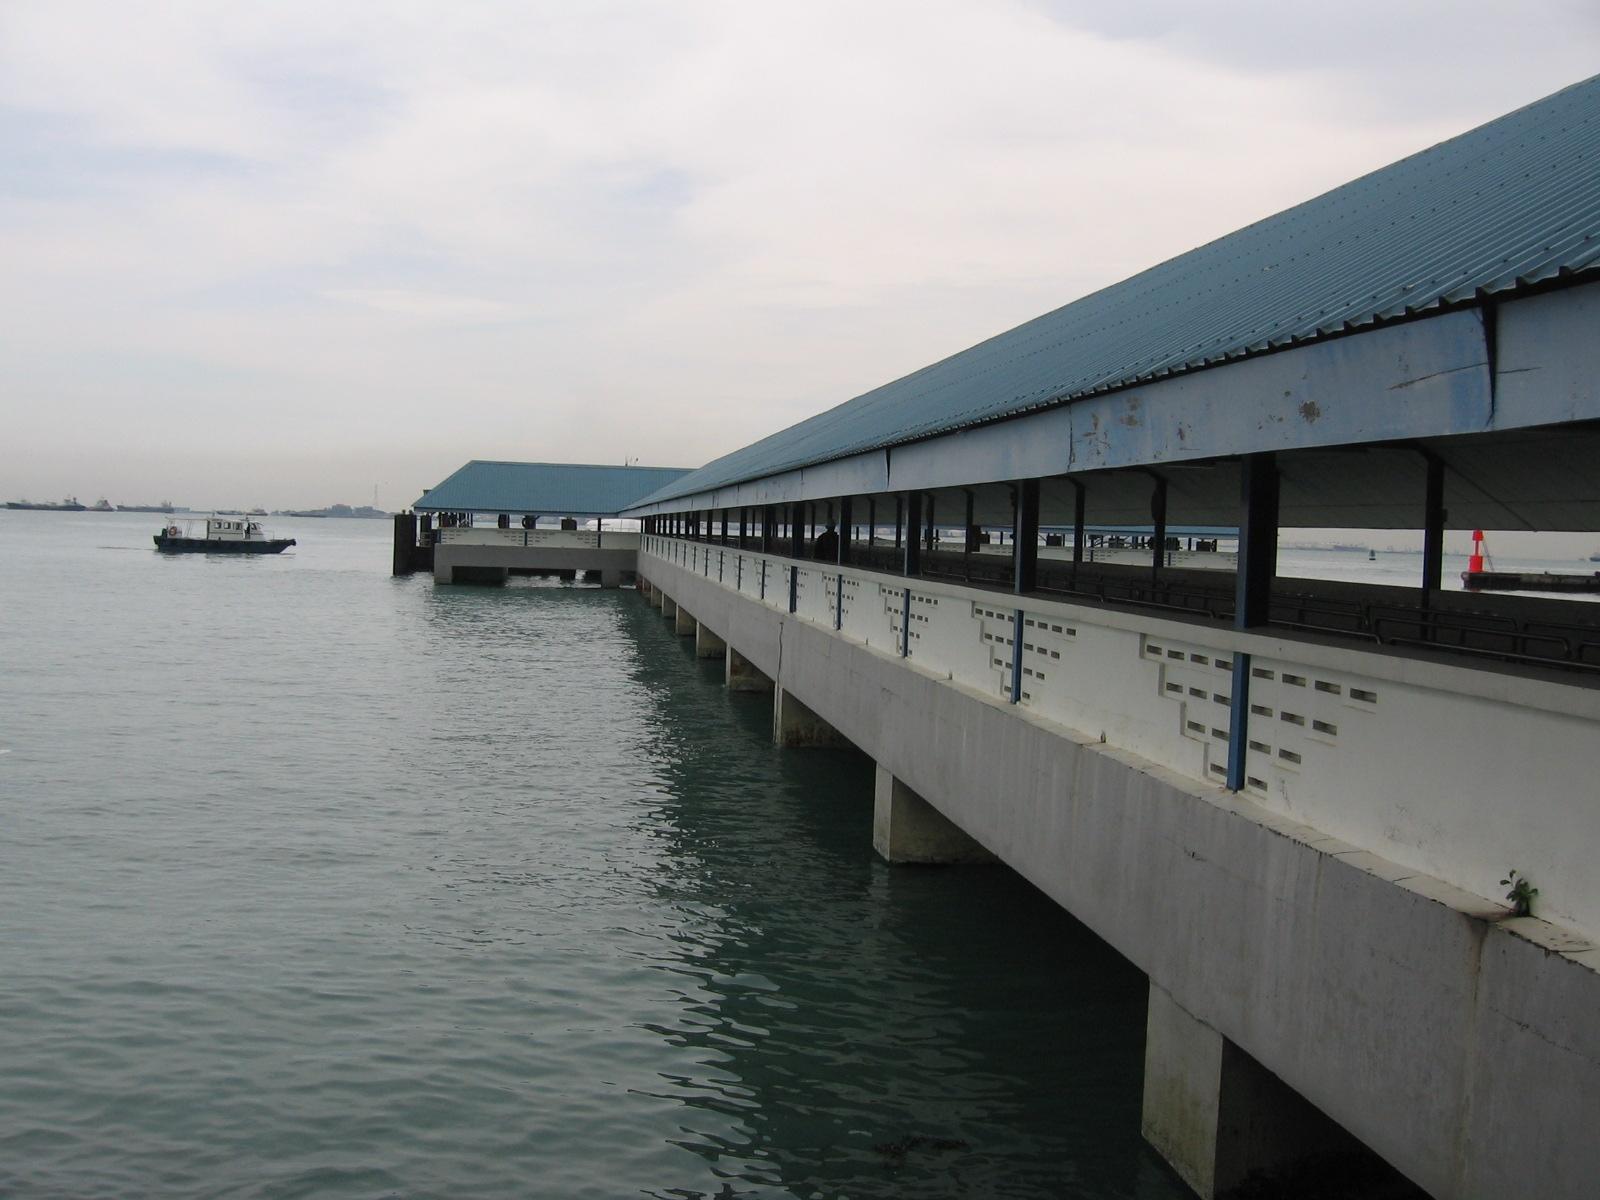 Паромный Терминал Пасир Панджанг в Сингапуре (Pasir Panjang Ferry Terminal)